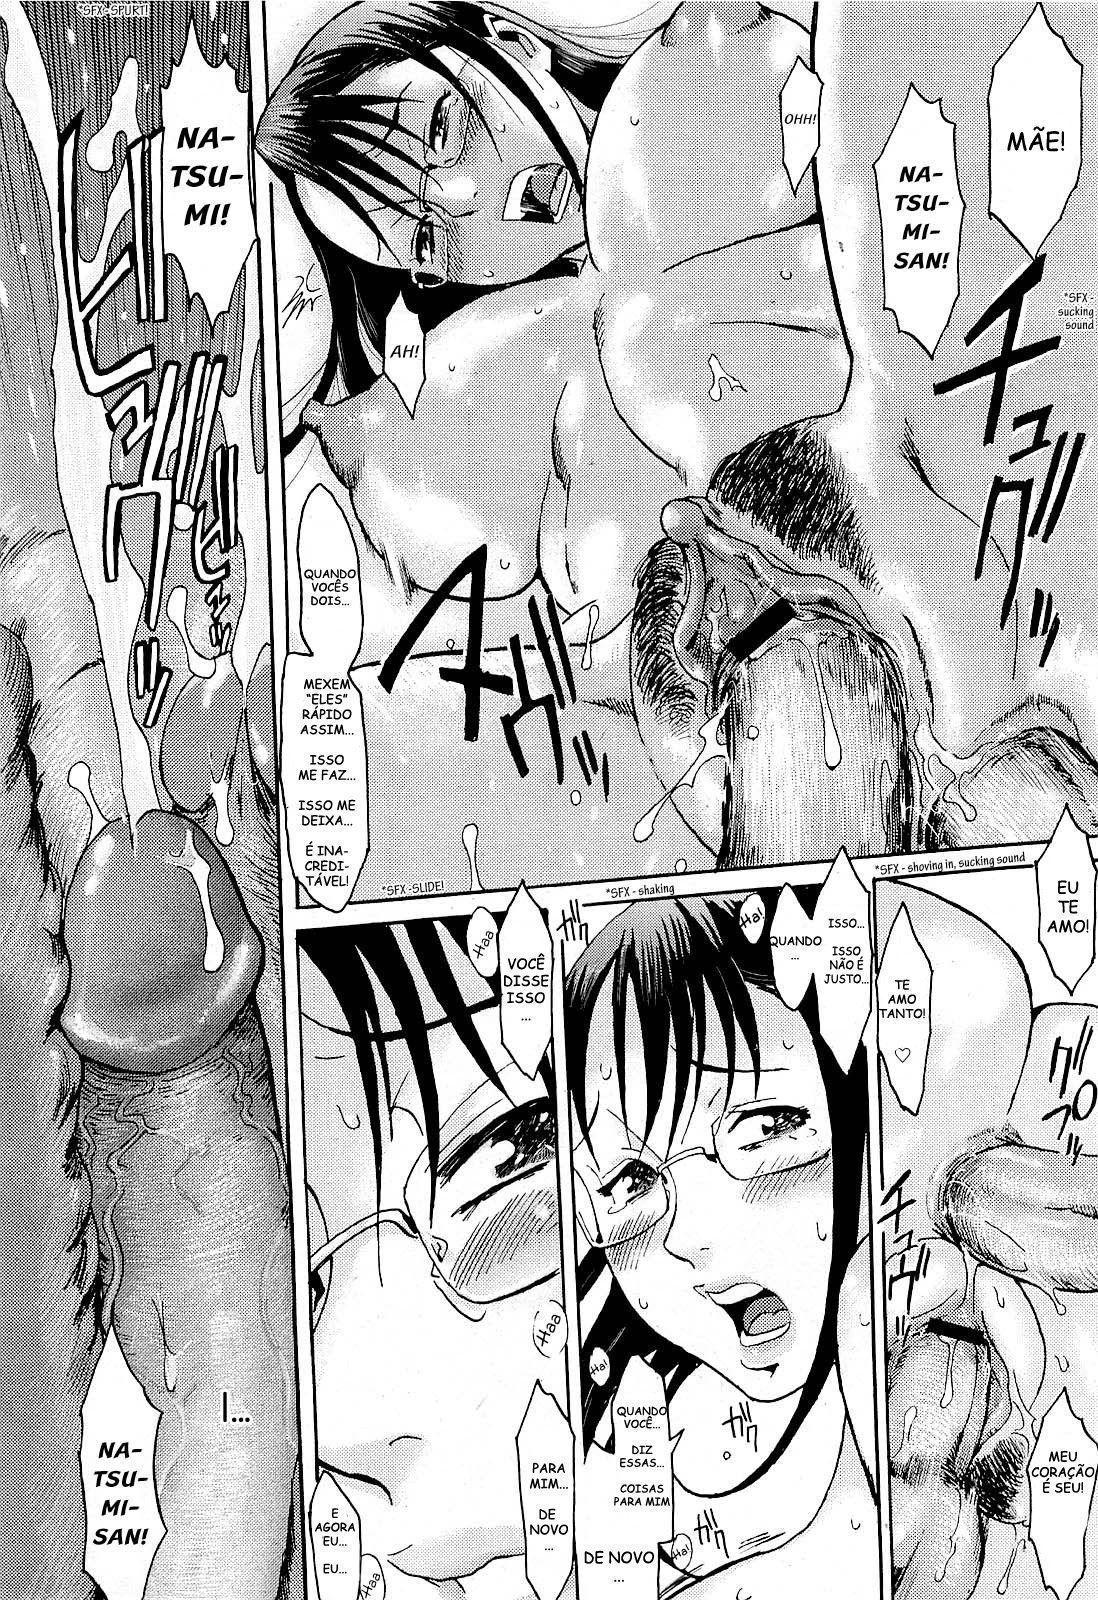 Hentaihome-Mãe-e-filho-depravados-100-22